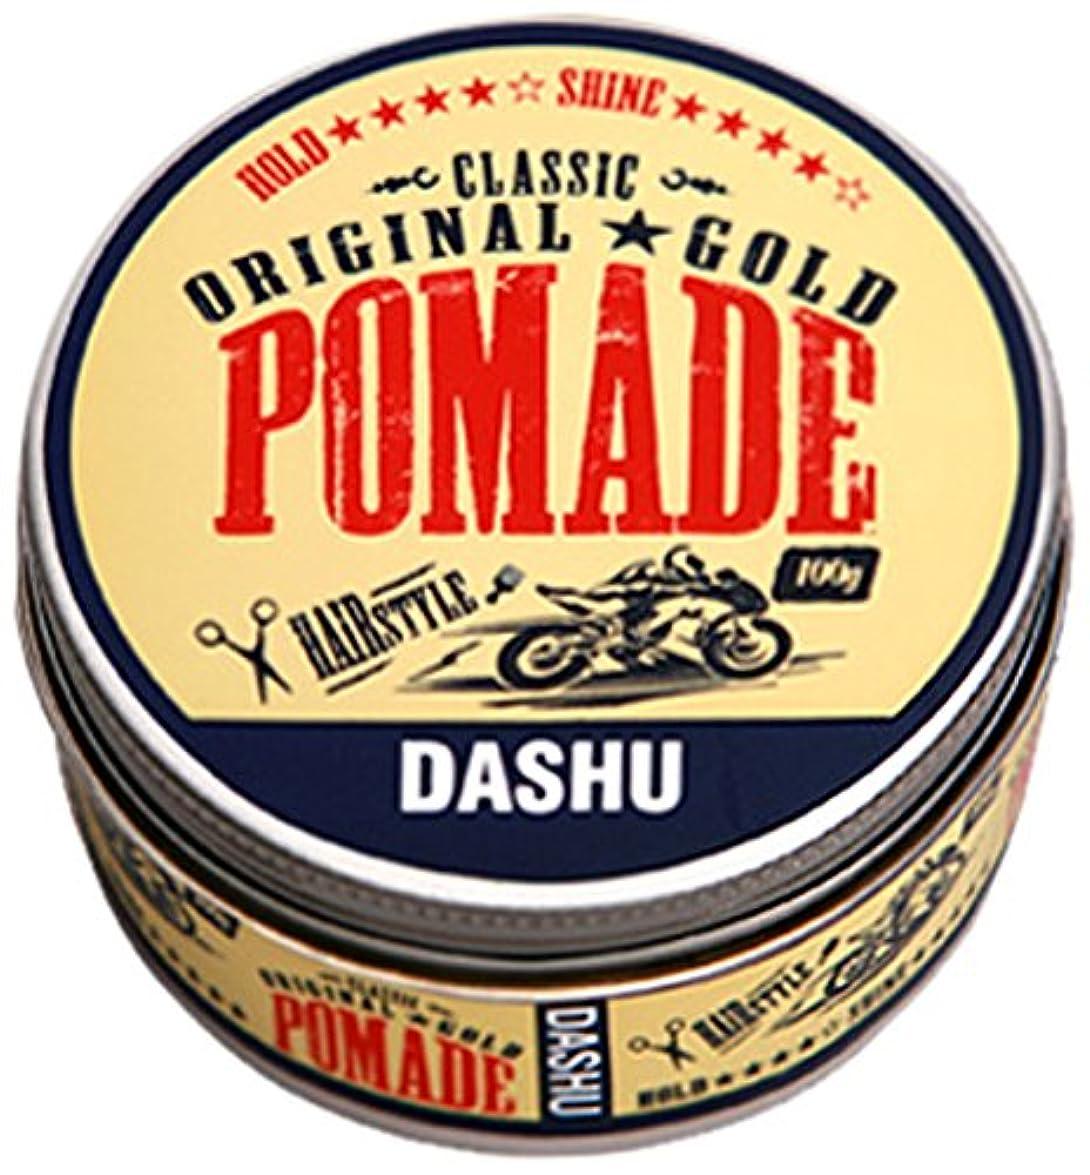 発信腸瞑想[DASHU] ダシュ クラシックオリジナルゴールドポマードヘアワックス Classic Original Gold Pomade Hair Wax 100ml / 韓国製 . 韓国直送品